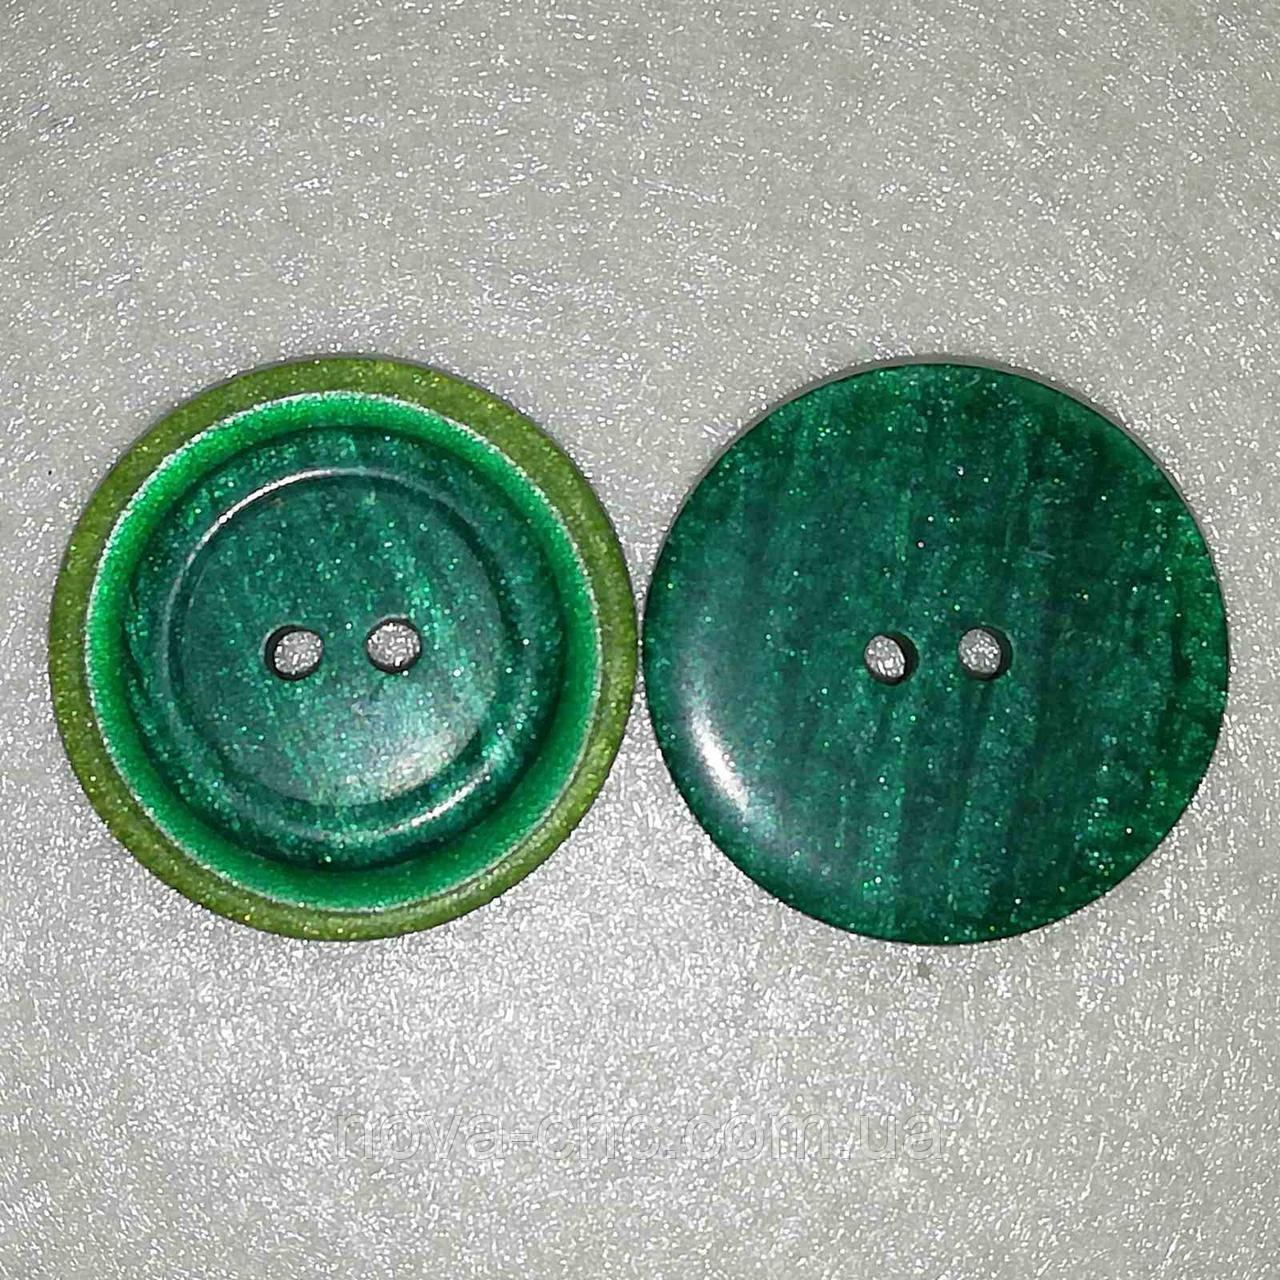 Пуговица пластмассовая 28 мм Цвет зеленый Упаковка 500 штук